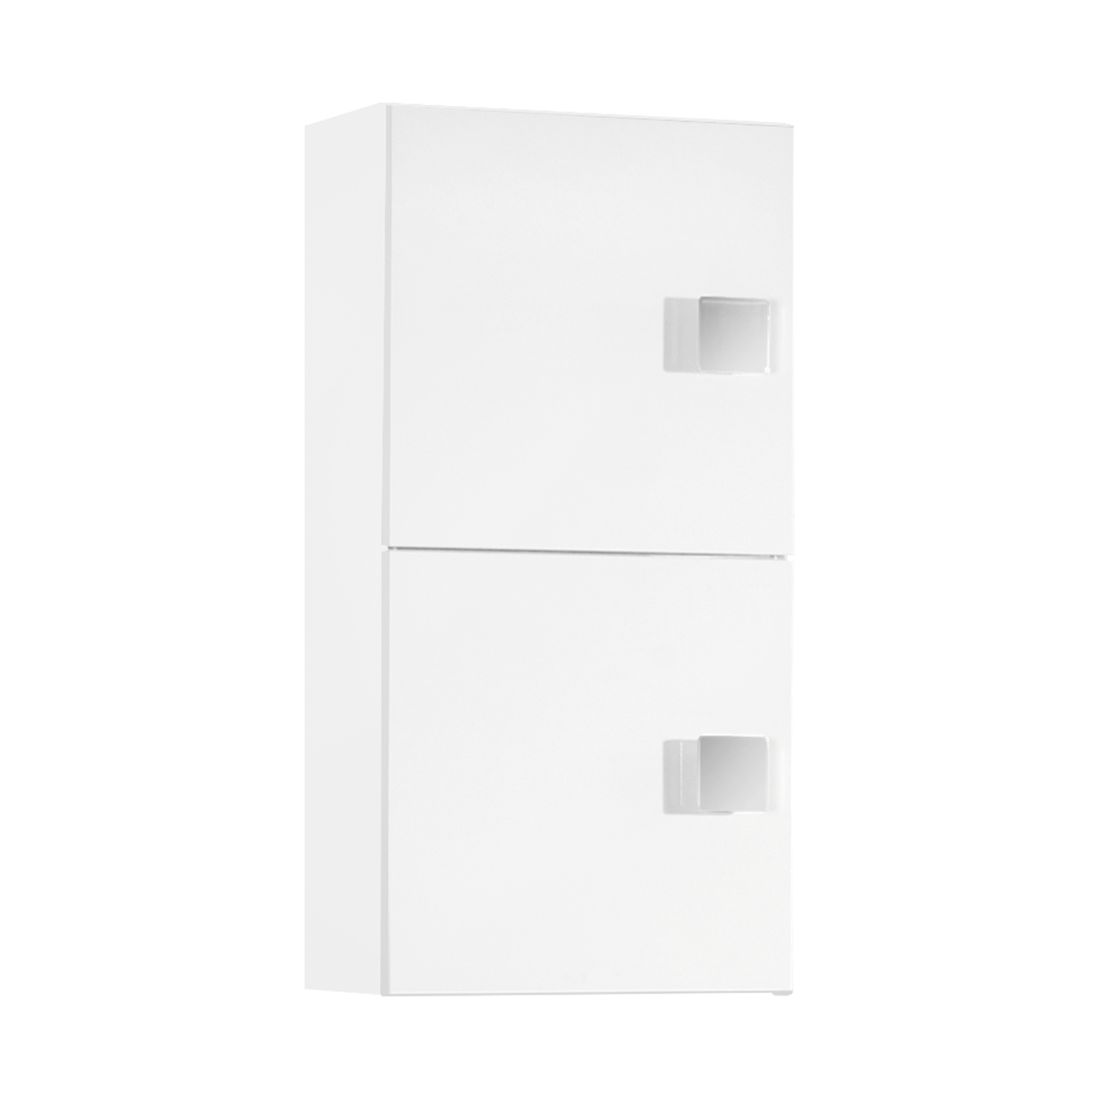 Hangkast Genf glanzend wit-wit 4-deurs, Schildmeyer